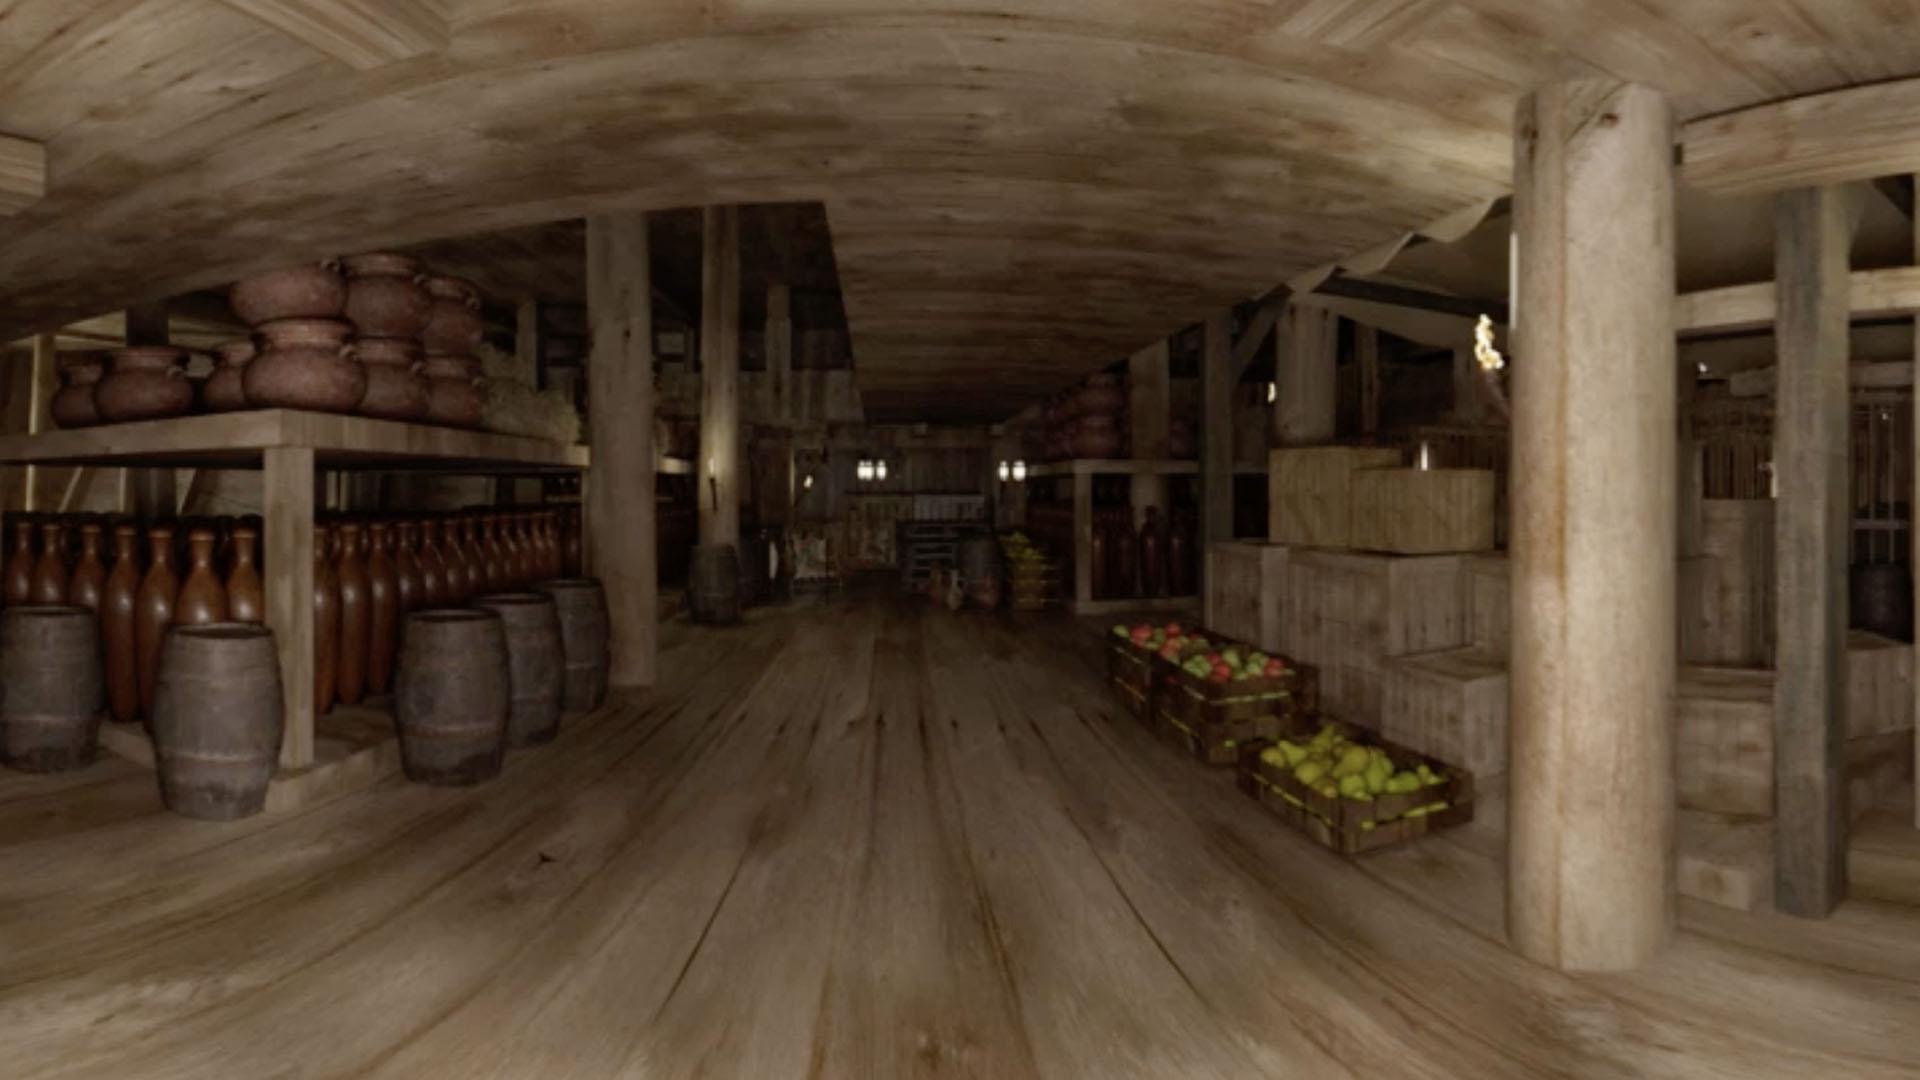 inside the ark